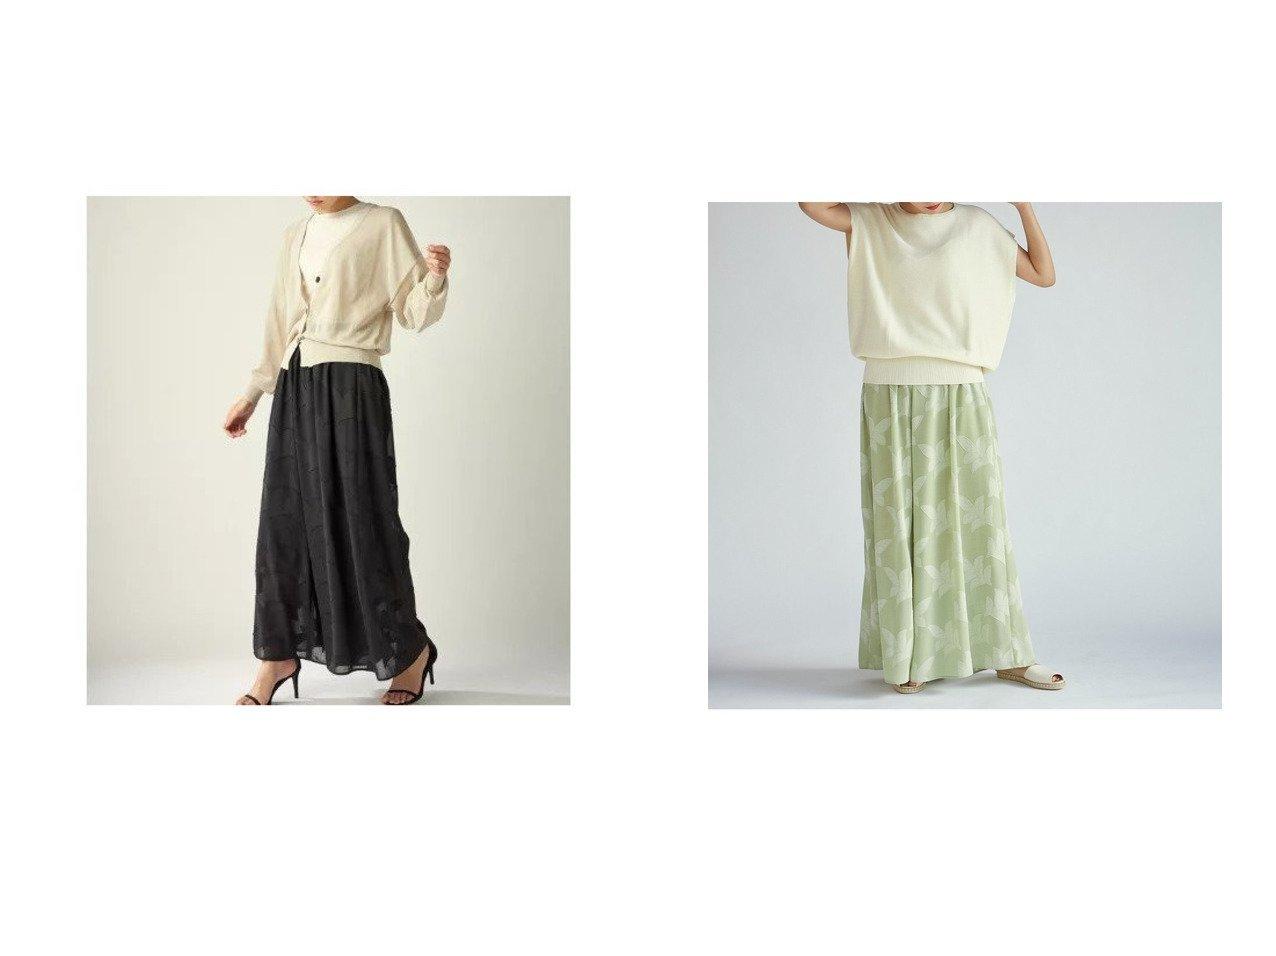 【CLEAR IMPRESSION/クリアインプレッション】のオパールレースパンツ&オパールレースパンツ パンツのおすすめ!人気、トレンド・レディースファッションの通販 おすすめで人気の流行・トレンド、ファッションの通販商品 メンズファッション・キッズファッション・インテリア・家具・レディースファッション・服の通販 founy(ファニー) https://founy.com/ ファッション Fashion レディースファッション WOMEN パンツ Pants シンプル ボトム レース NEW・新作・新着・新入荷 New Arrivals ジーンズ ワイド 再入荷 Restock/Back in Stock/Re Arrival |ID:crp329100000023227